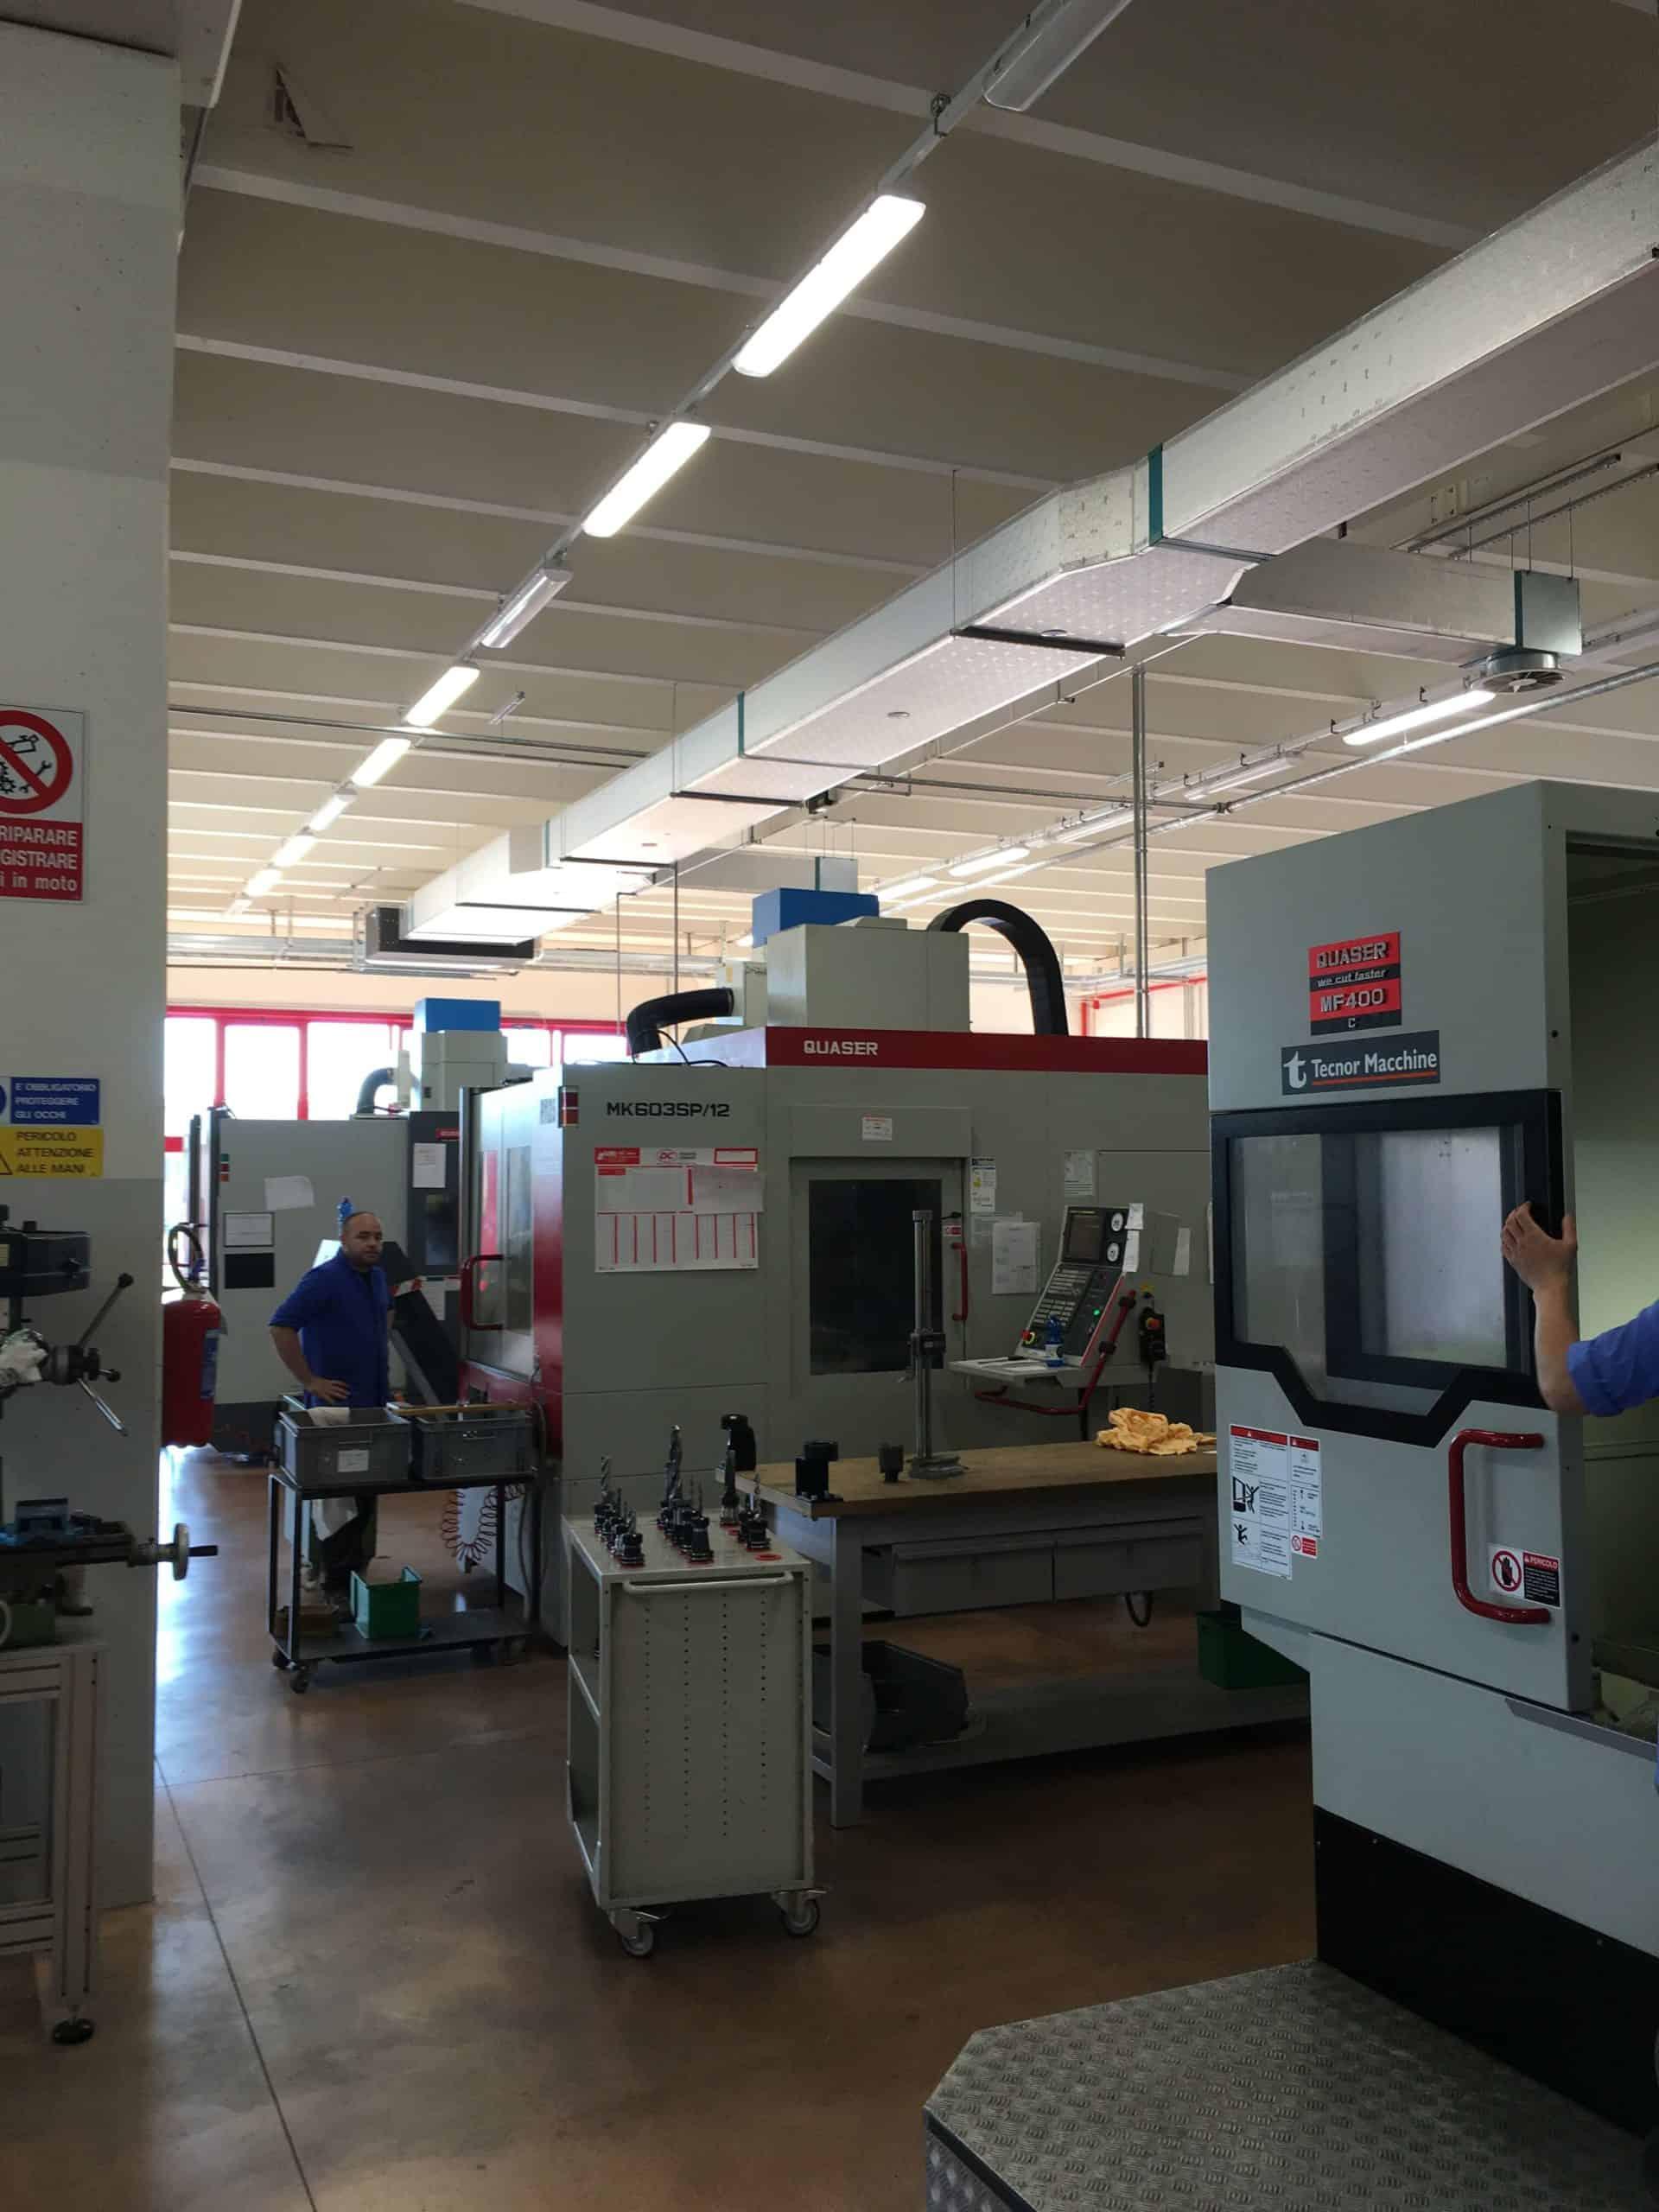 AR FILTRAZIONI | QUASER CNC | Filtrazione nebbie oleose aspirazione fumi da centri di lavoro cnc